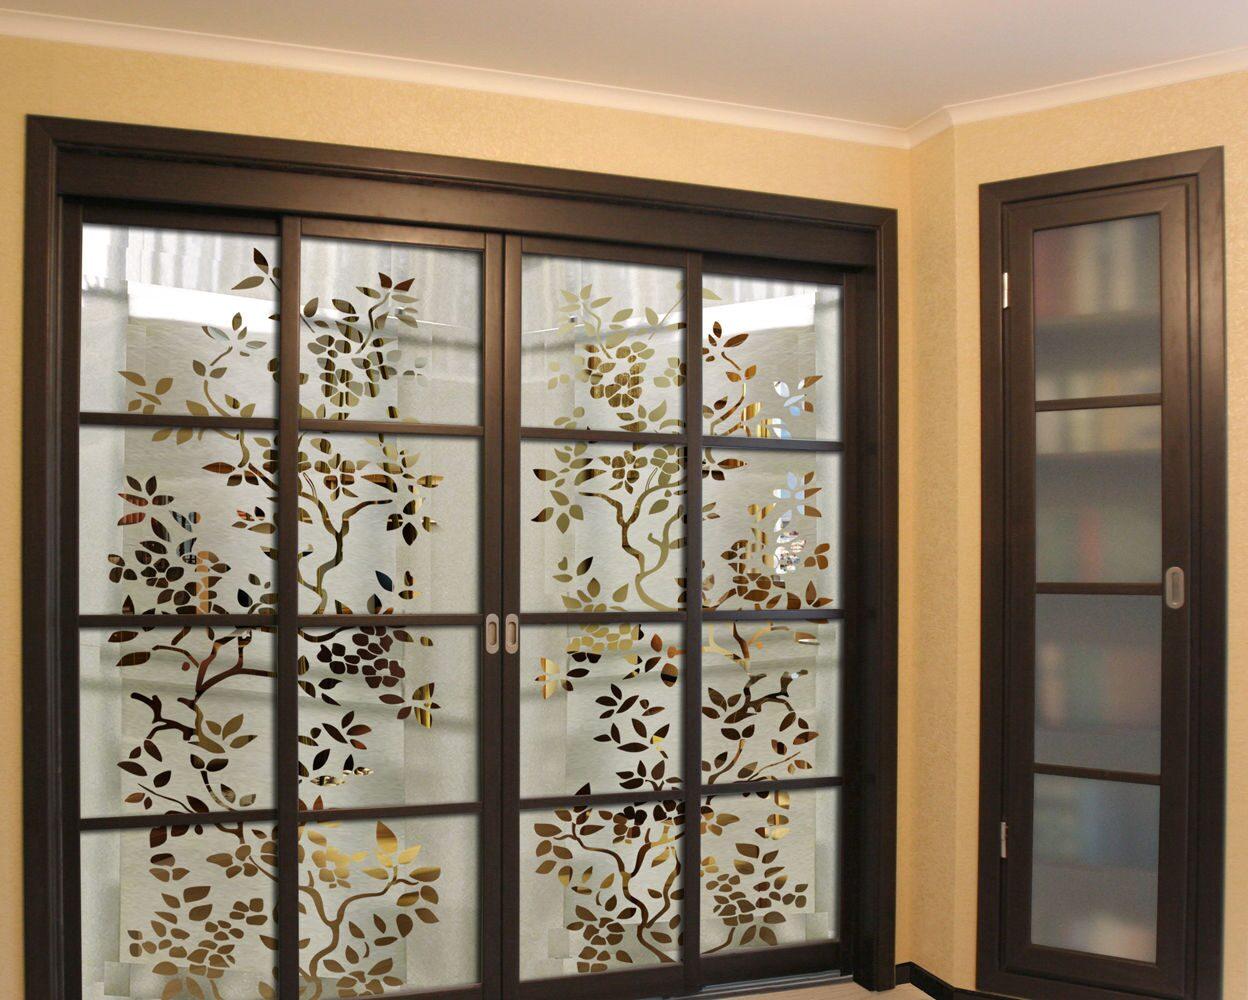 Витражи в двери-купе/перегородки,раздвижные межкомнатные и ...: http://blueglass.ru/vitrazhi-v-dveri-kupe/peregorodki-i